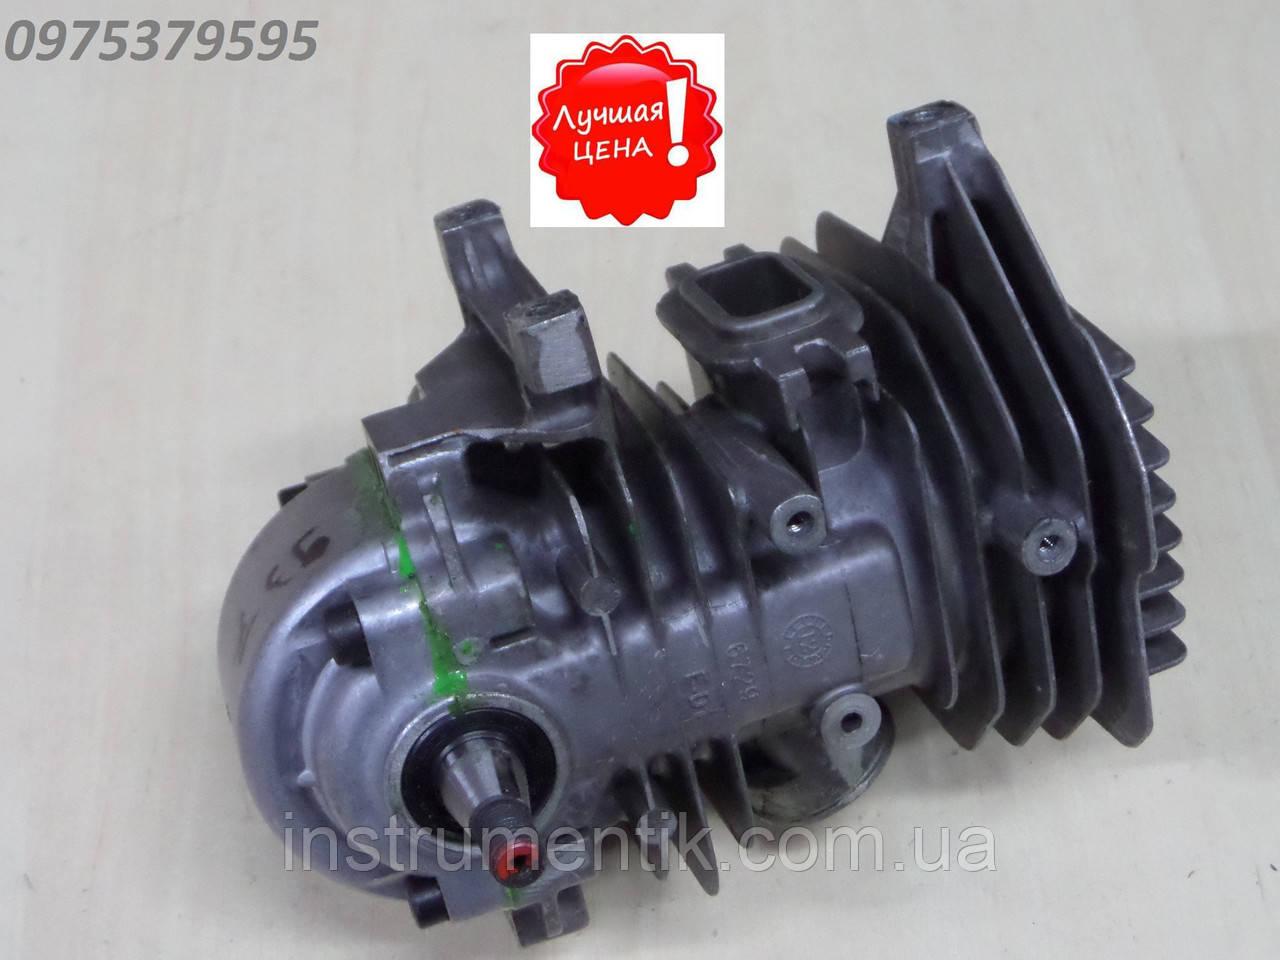 Двигатель D40 для Oleo-Mac GS 410С, GS 370